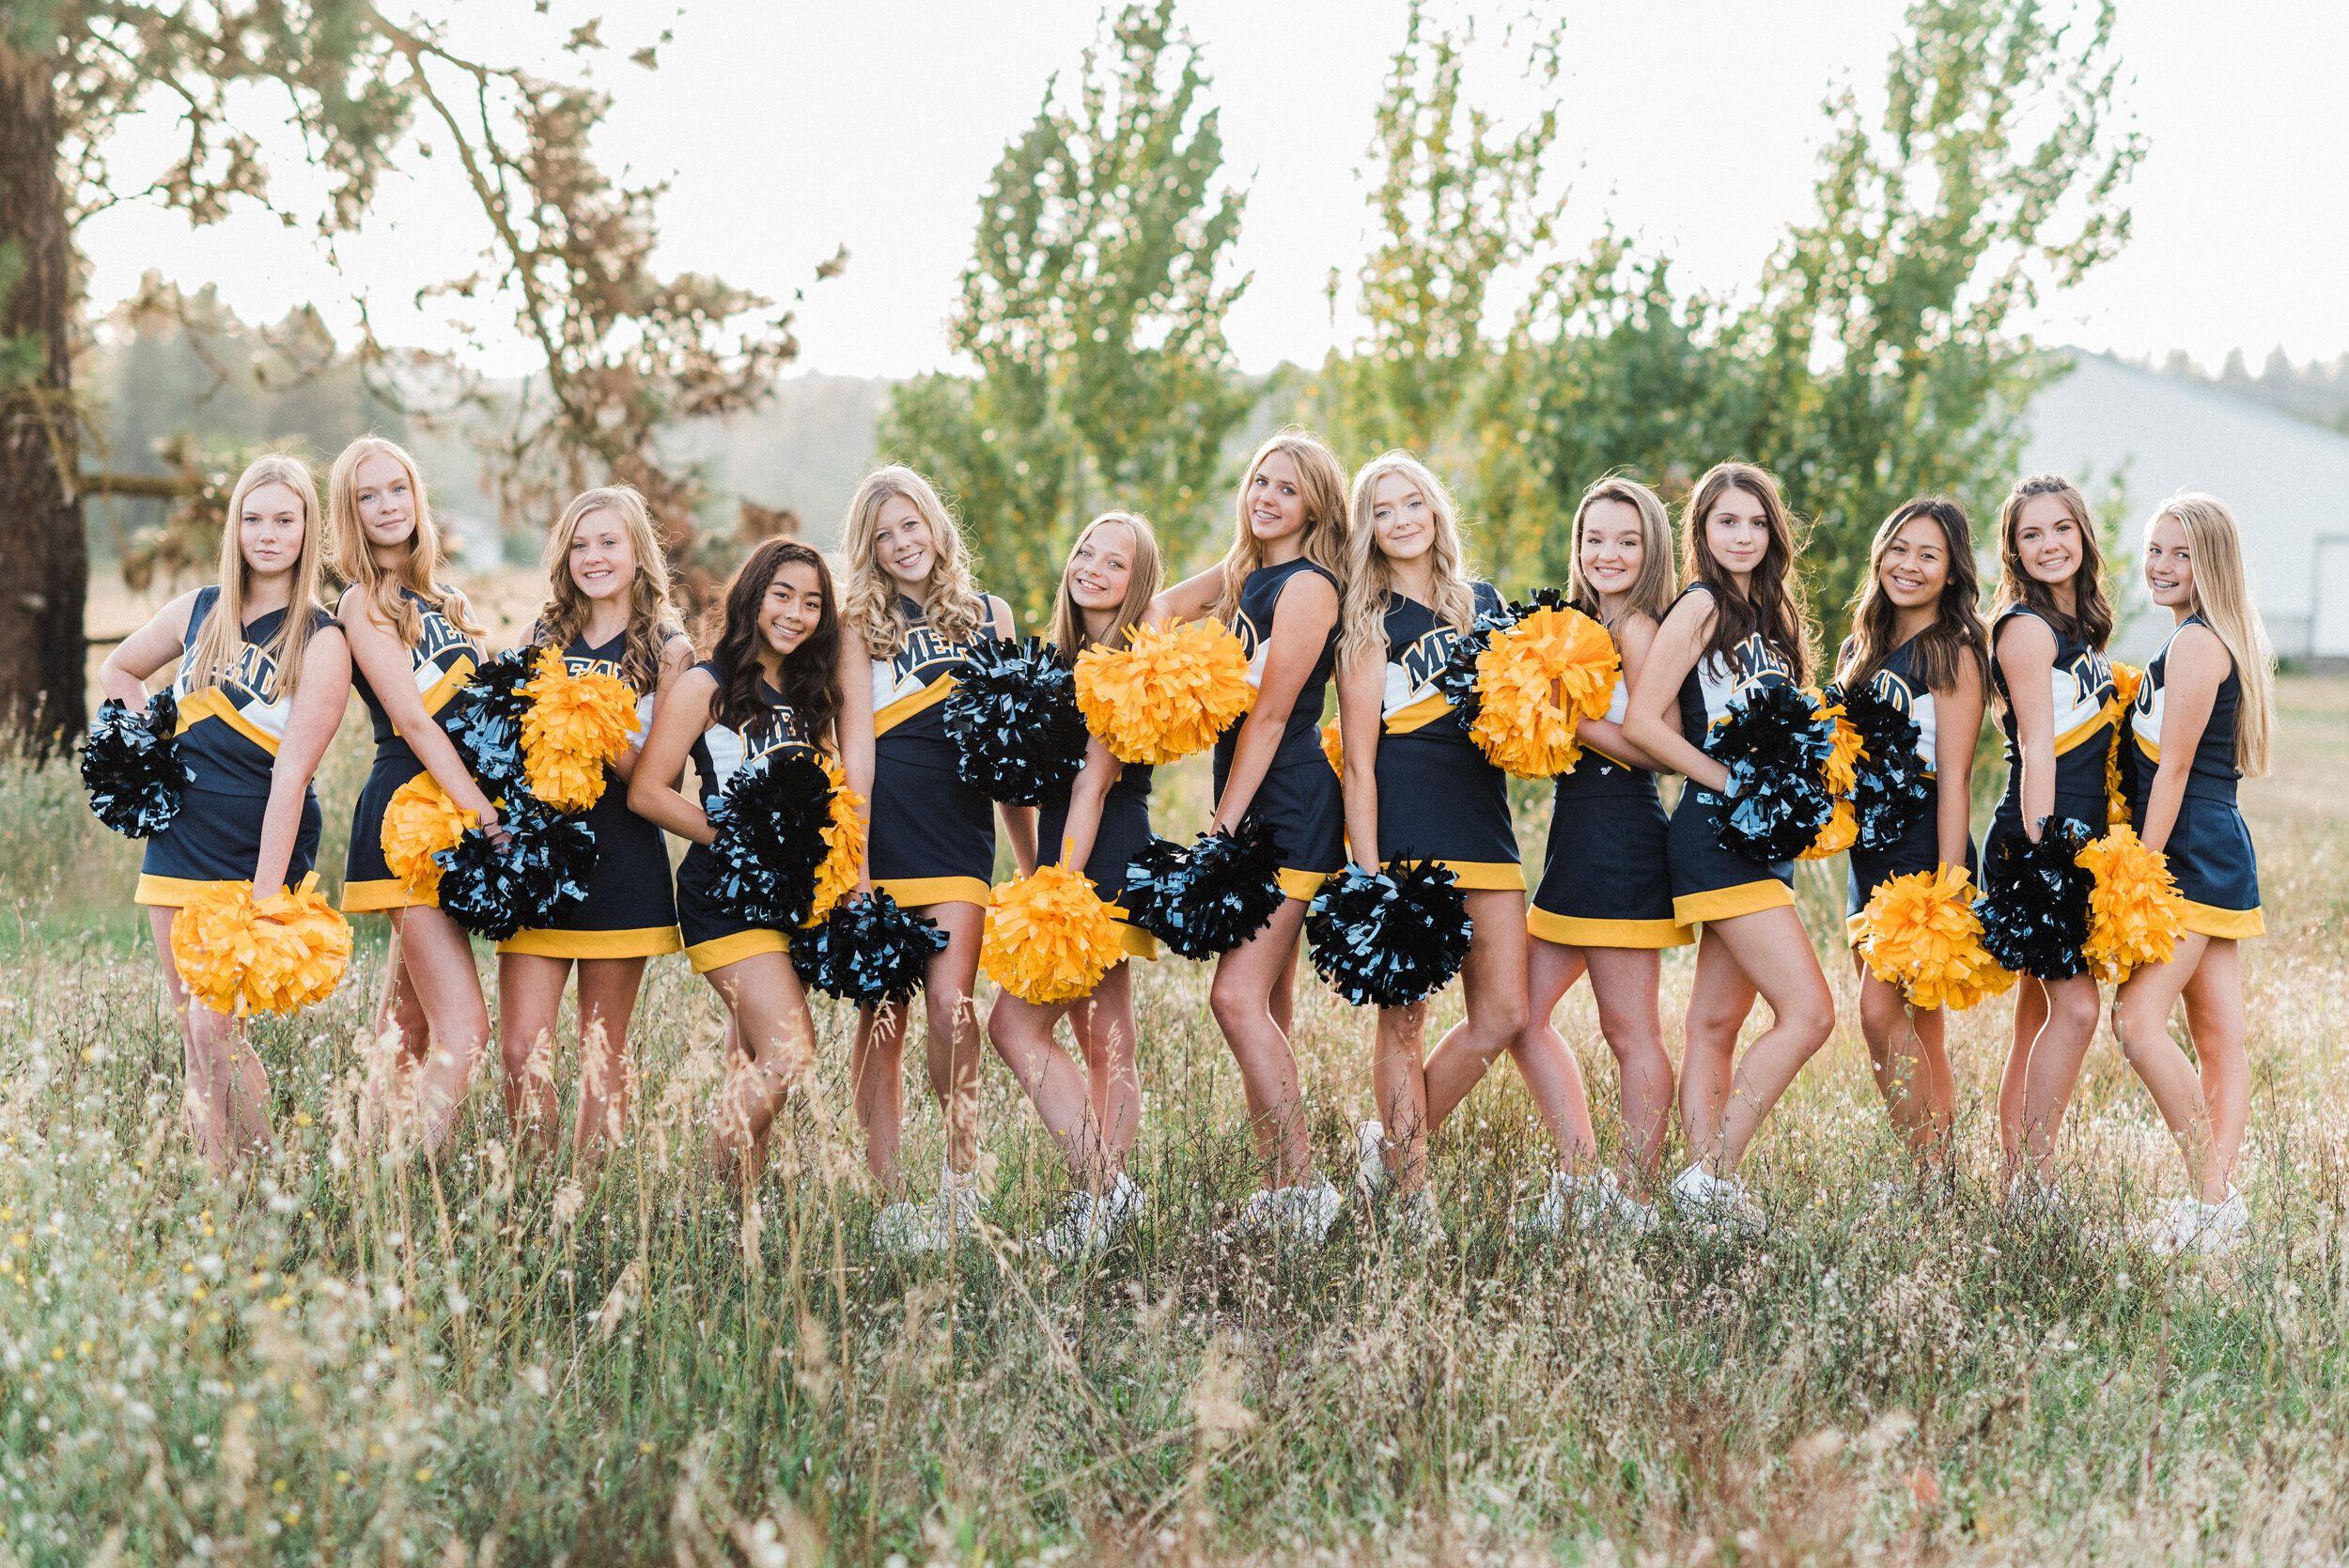 Mead High School Jv Cheer Team Photos Spokane Wa In 2020 Dance Team Photos Team Photos Dance Team Pictures